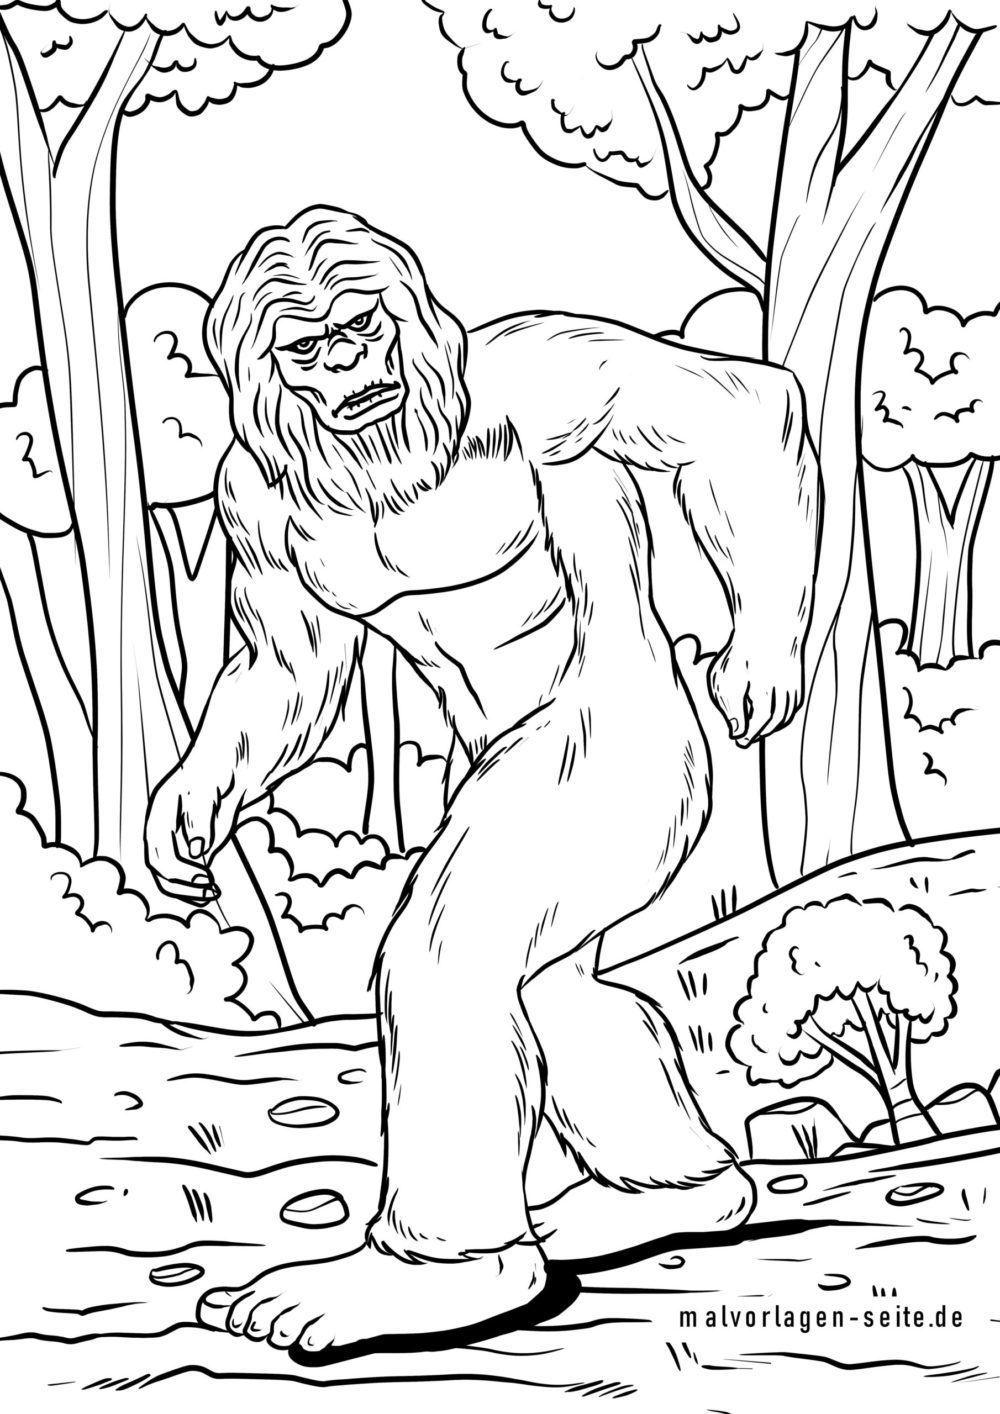 Stranica za bojanje bigfoot